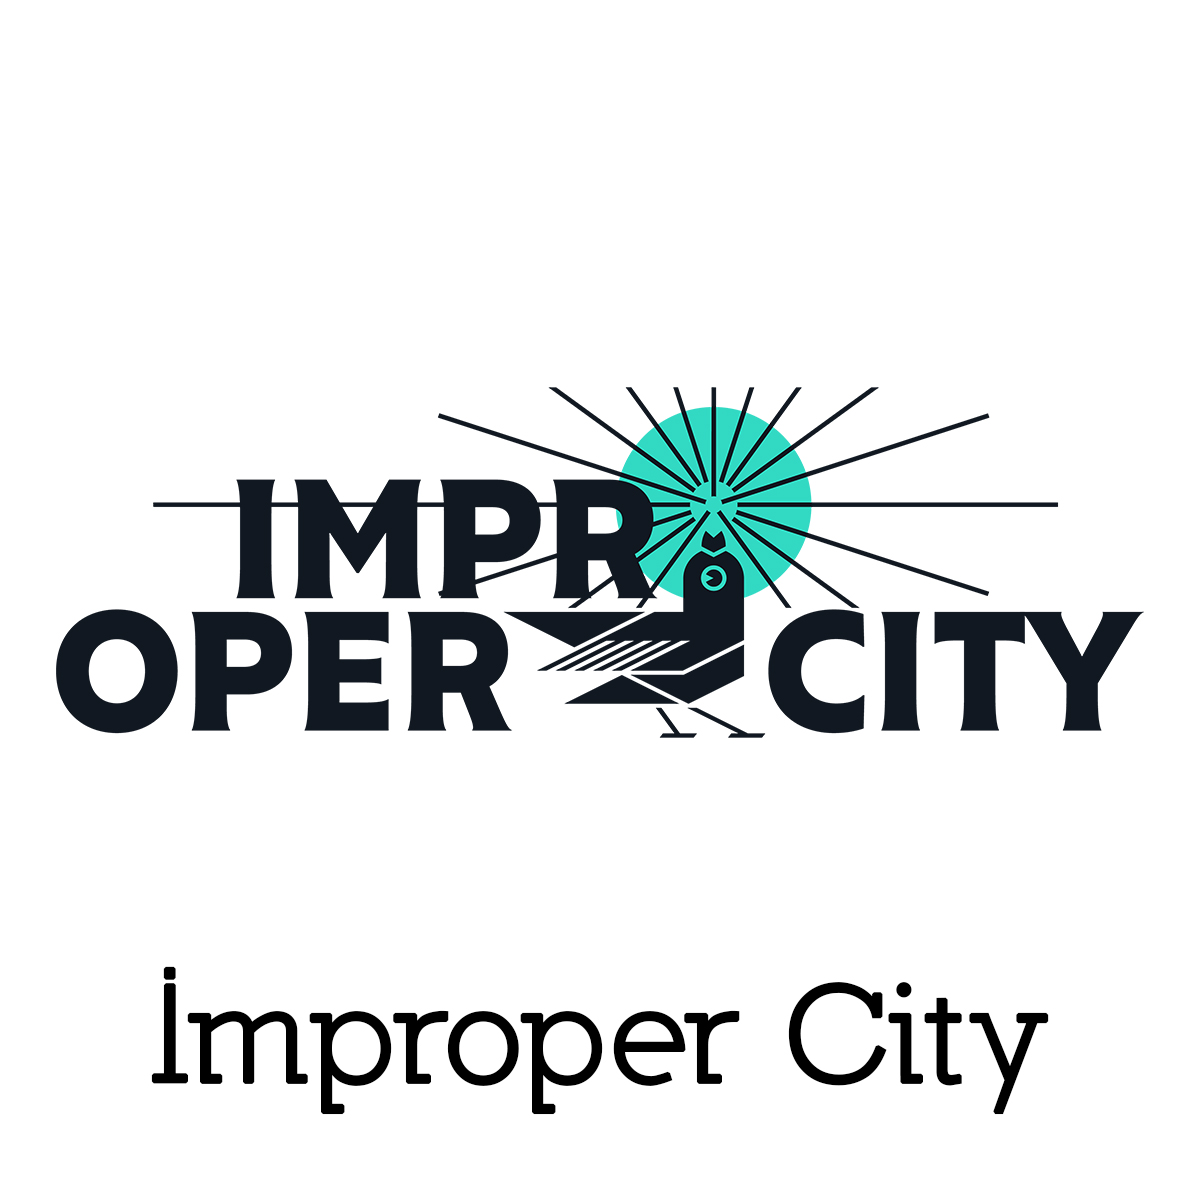 improper-city_resized-for-web.jpg